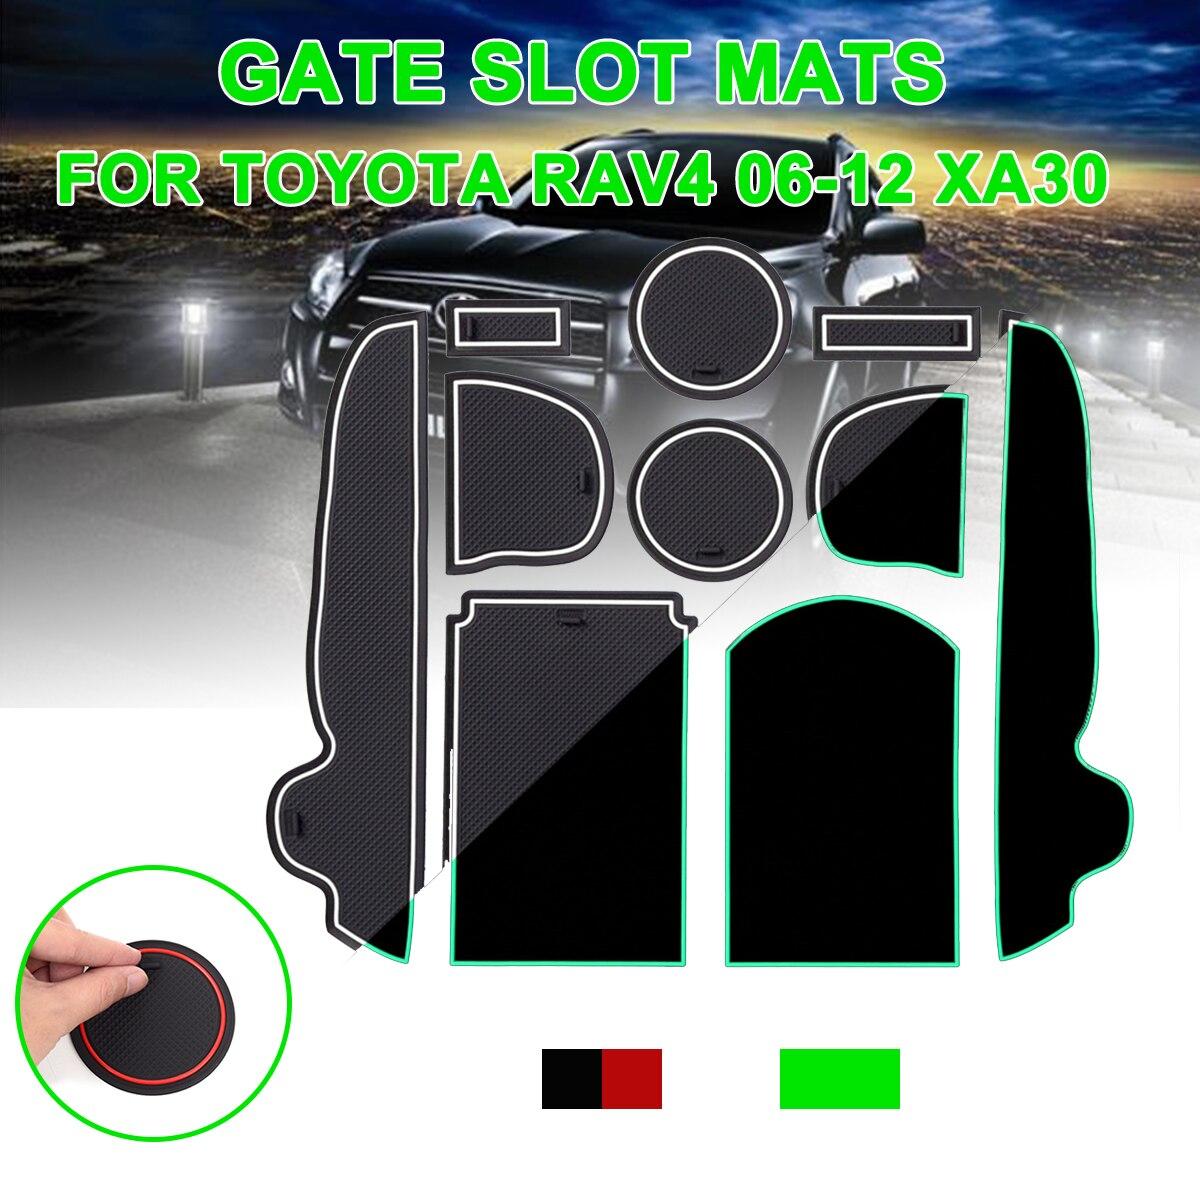 Для Toyota RAV4 2006-2012 xa30 противоскользящие ворота Слот коврик резиновая подставка аксессуары для RAV 4 2006 2007 2008 2009 2010 2011 2012